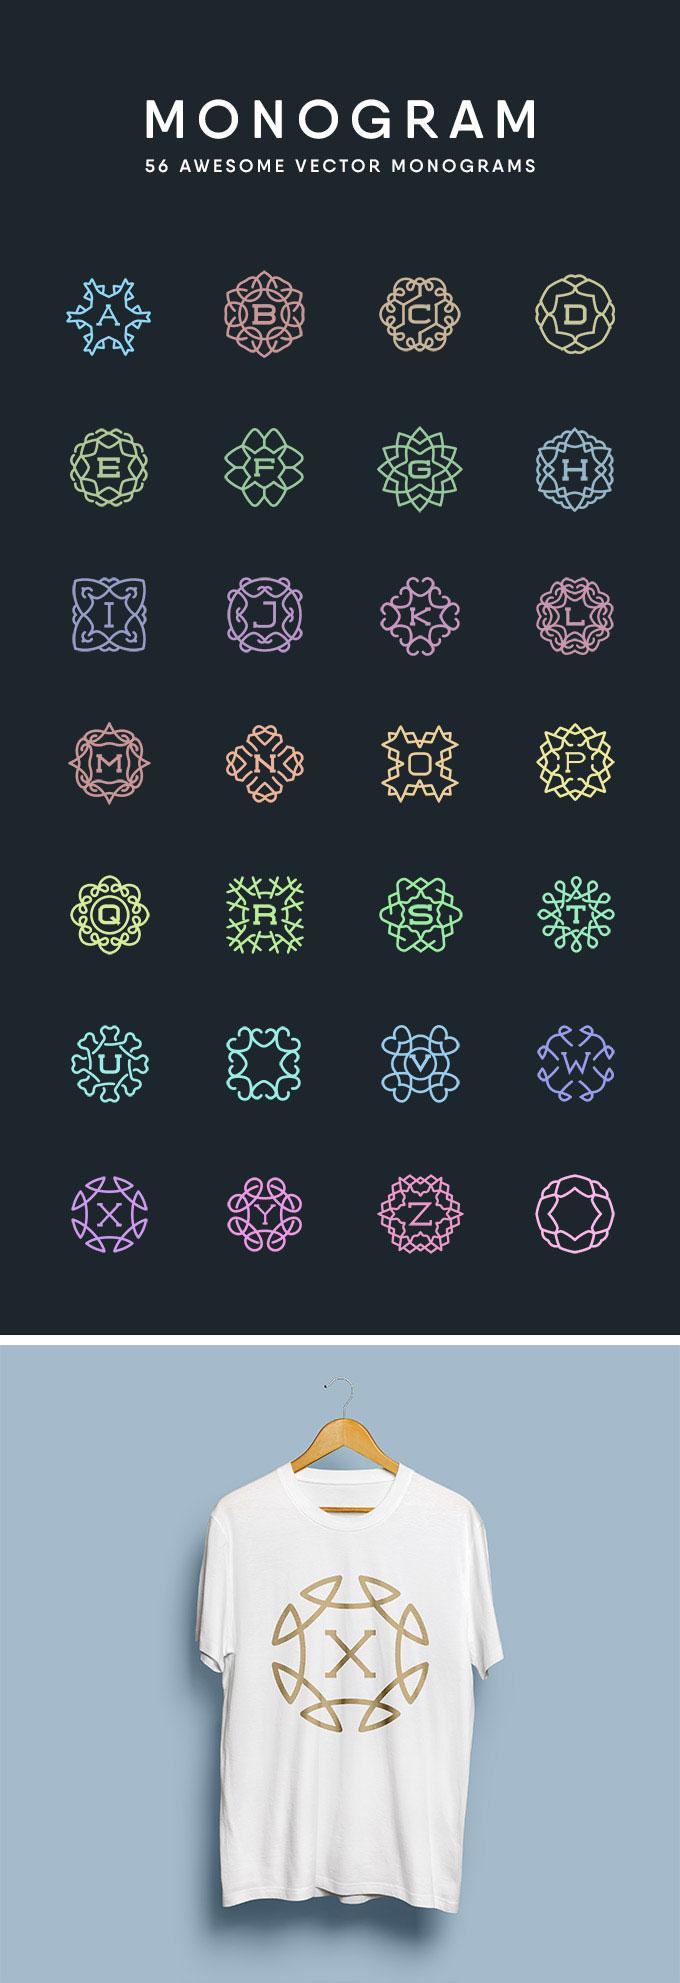 24款字母对称形状矢量素材,AI源文件